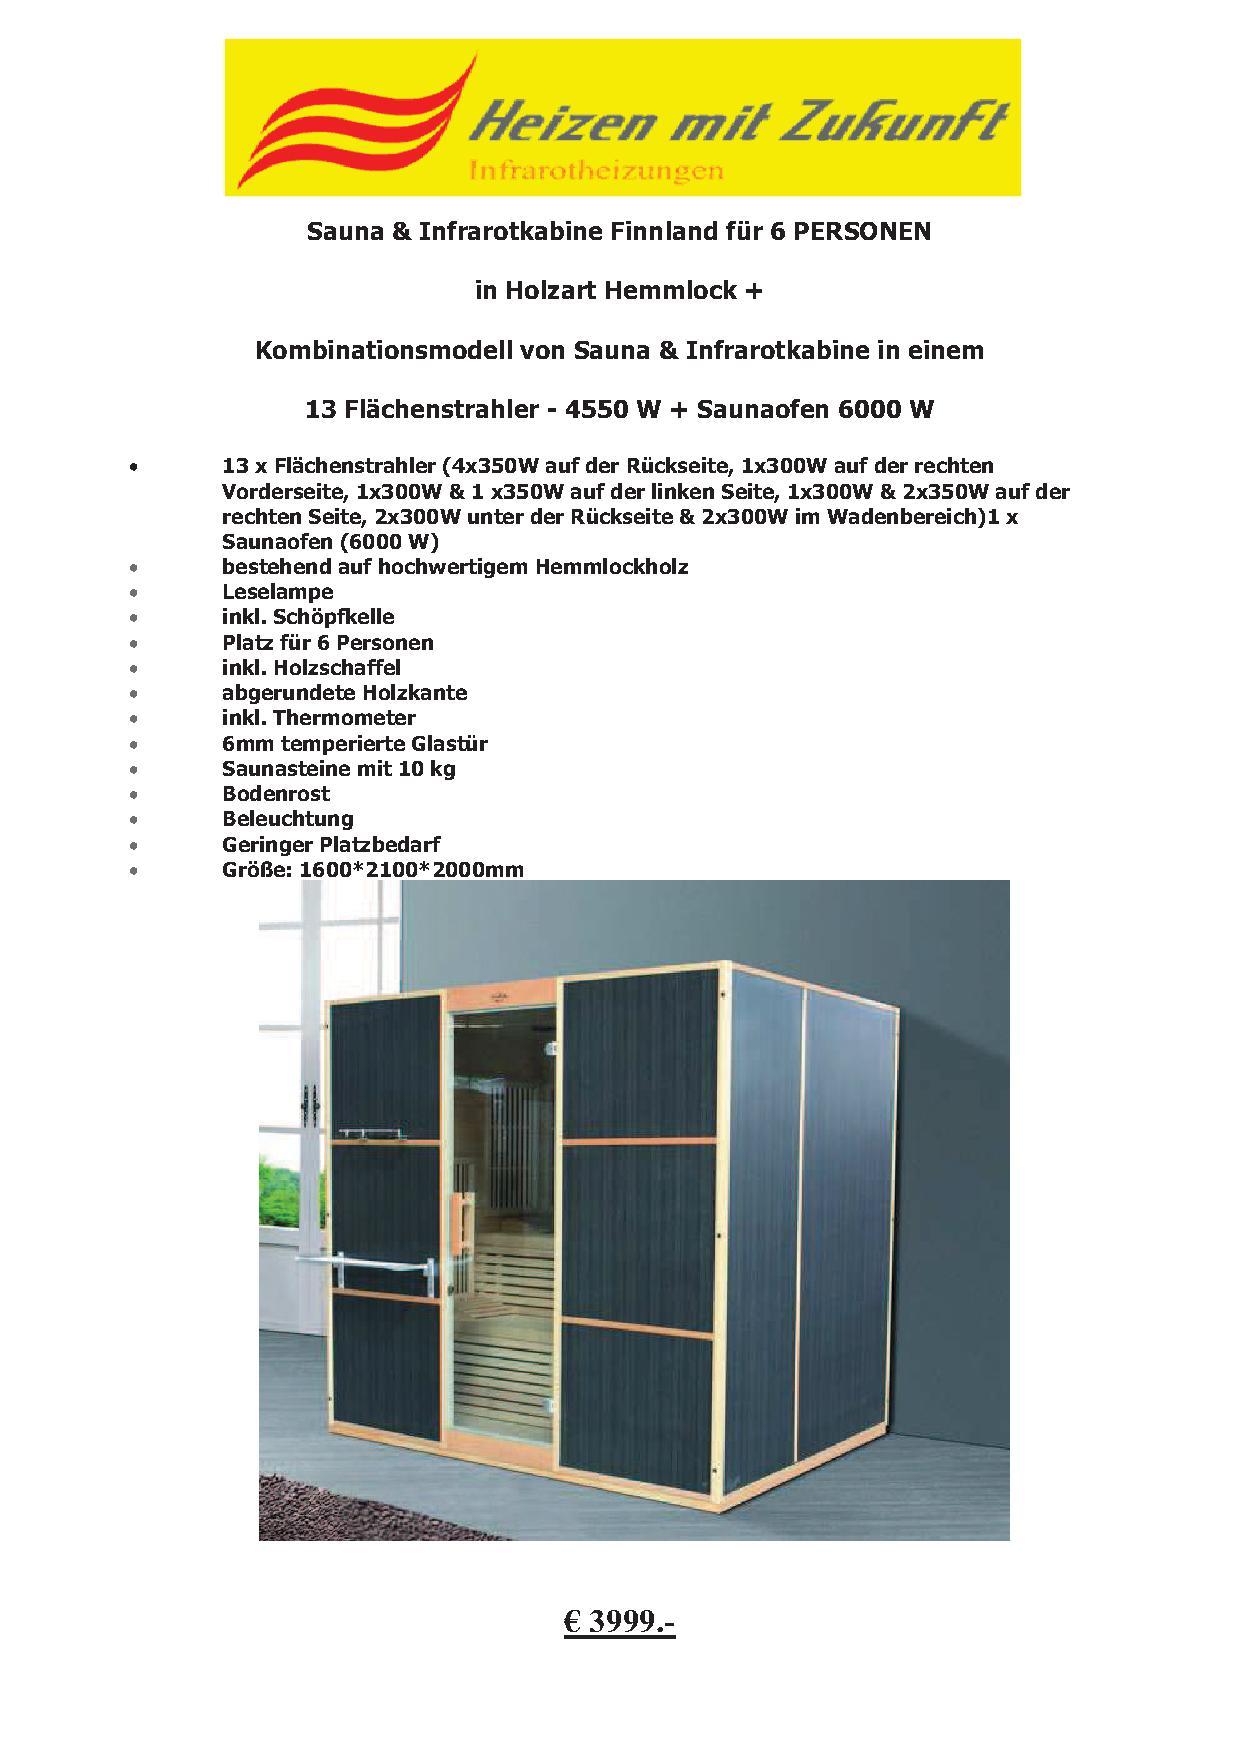 Sauna Finnland neu1